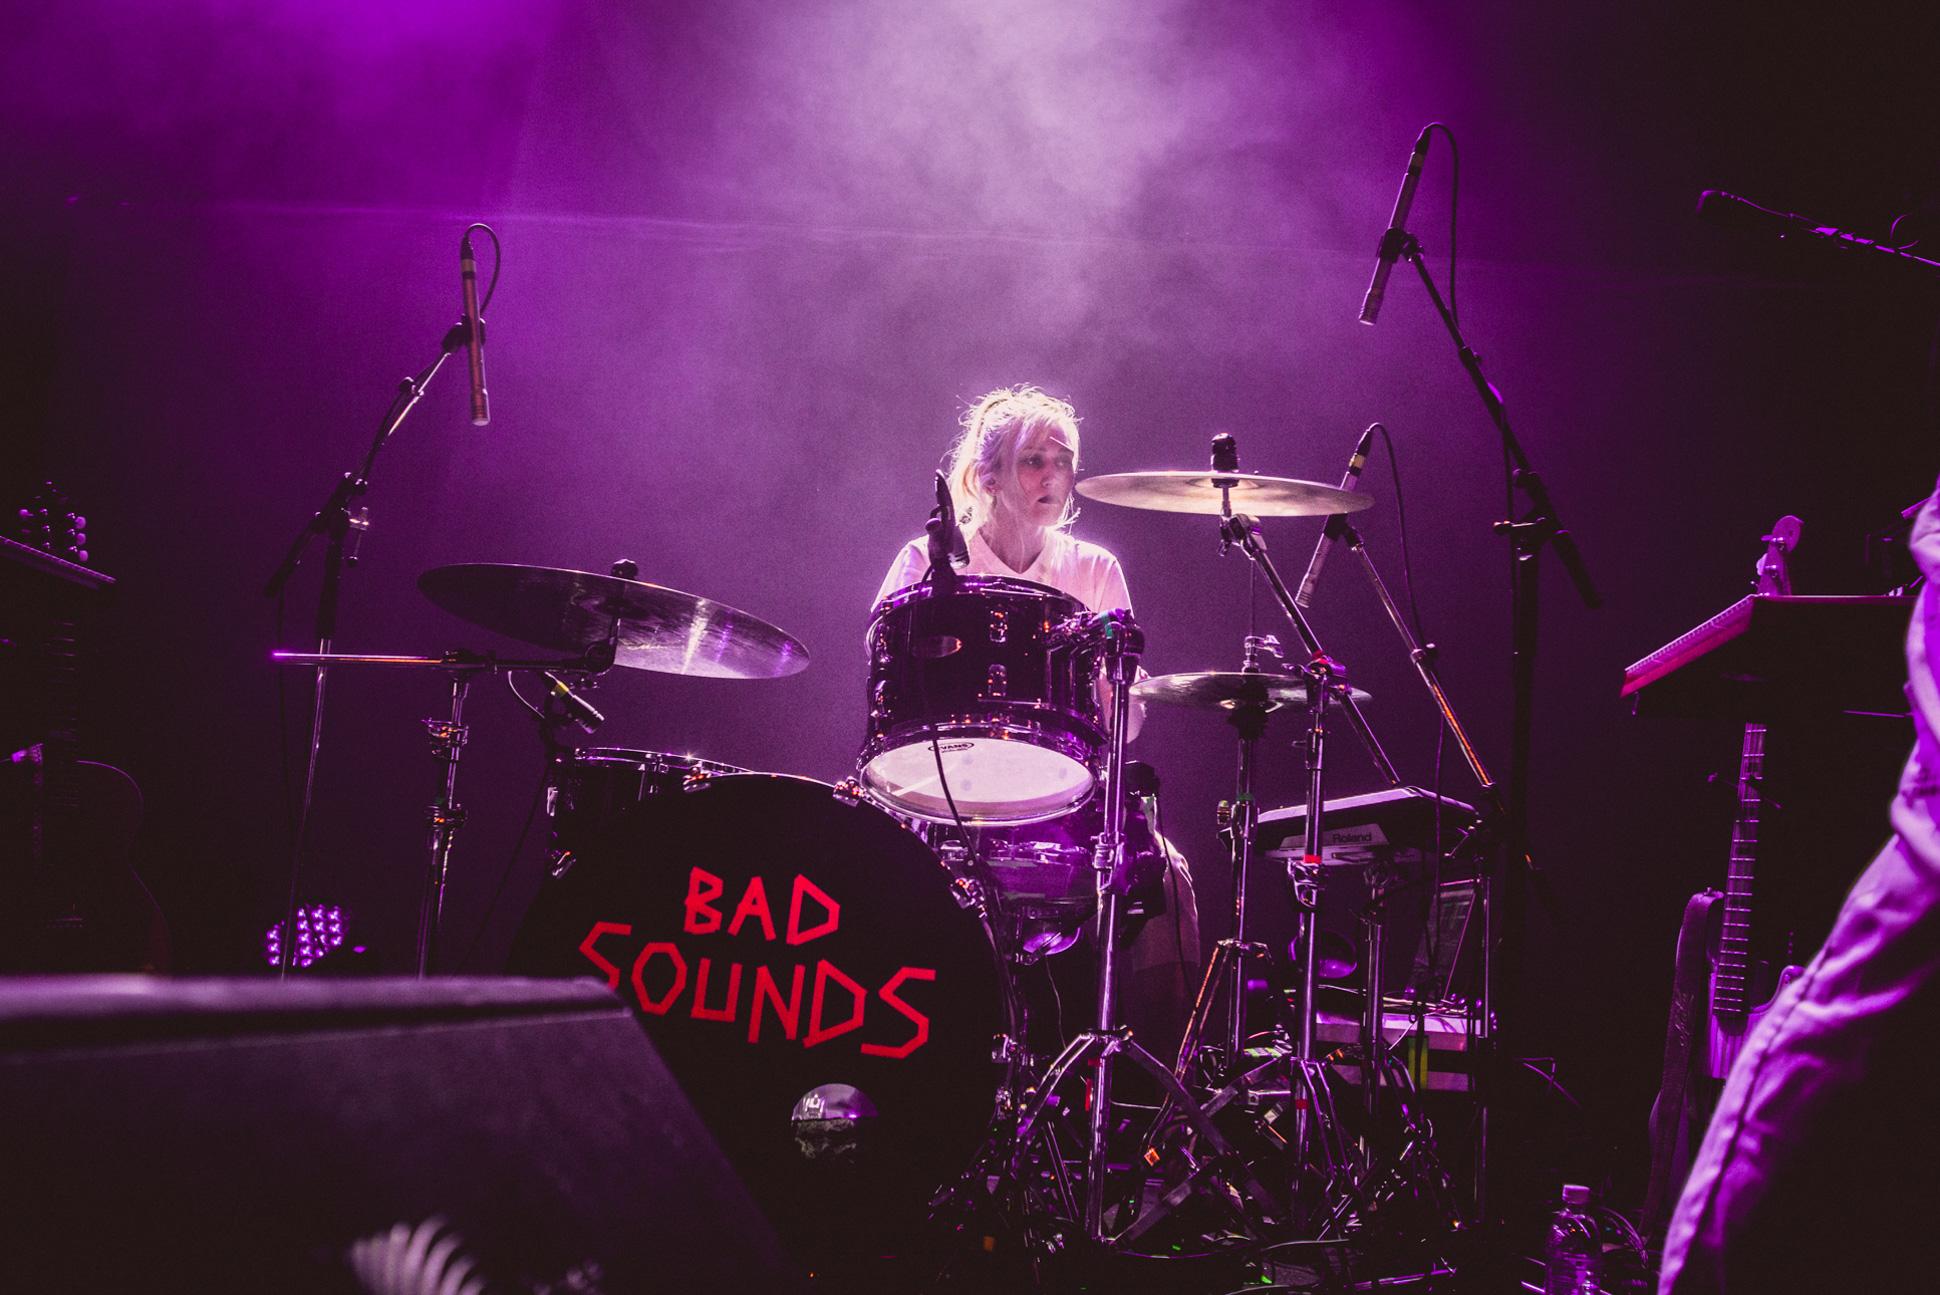 BadSounds-Vogue-04-02-19-Vancouver_ALICE HADDEN-07.jpg